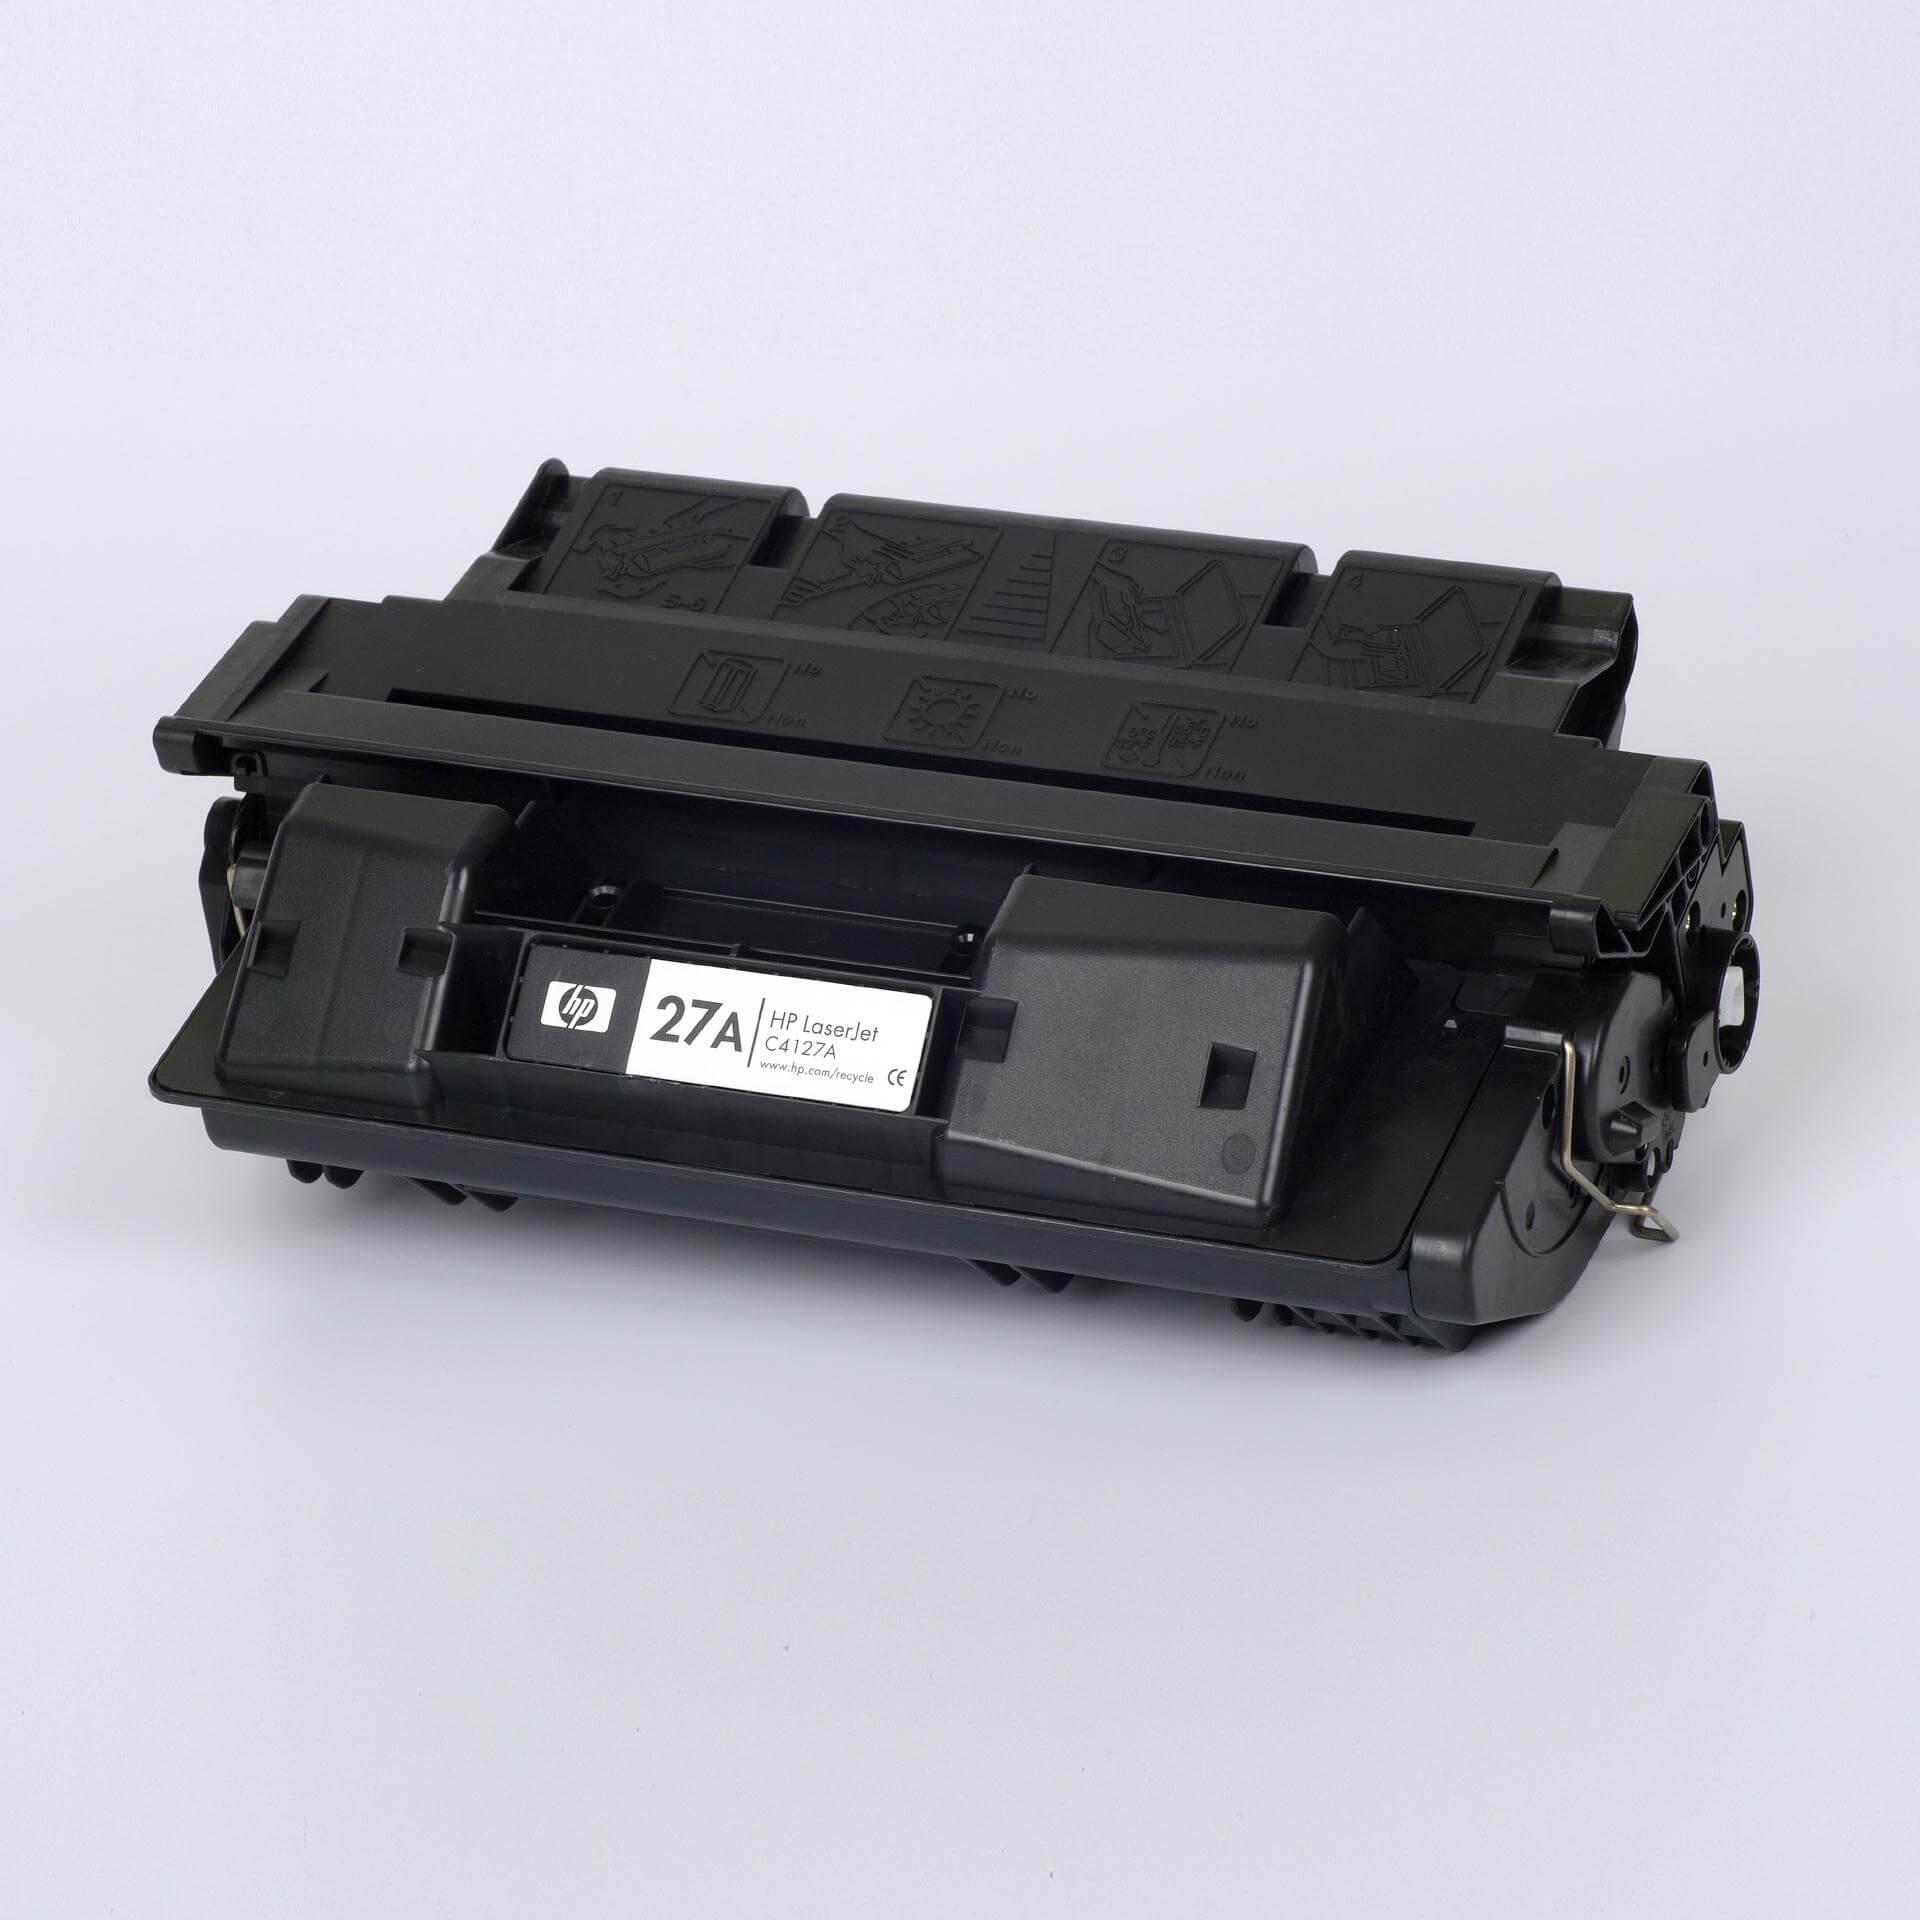 Auf dem Bild sehen Sie eine HP 27A (C4127A) Schwarz Original Tonerkartusche